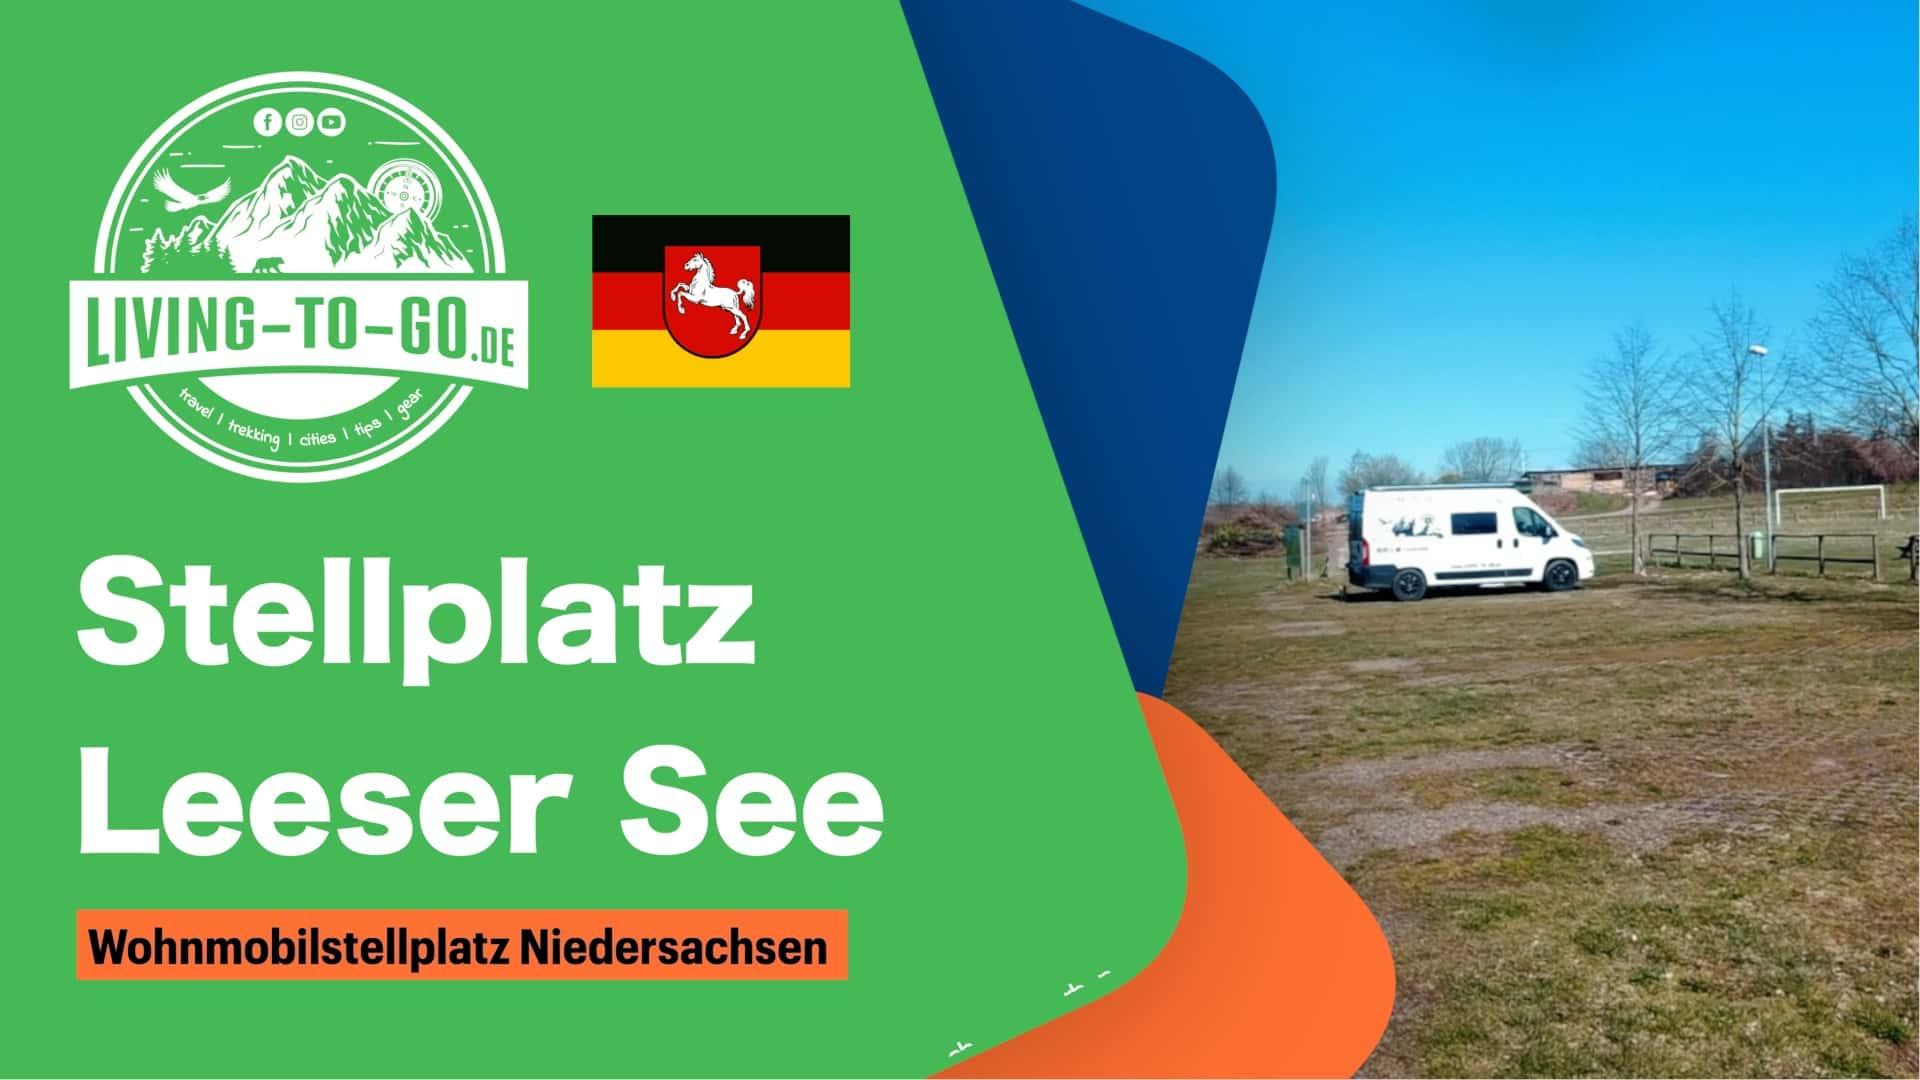 Stellplatz Leeser See